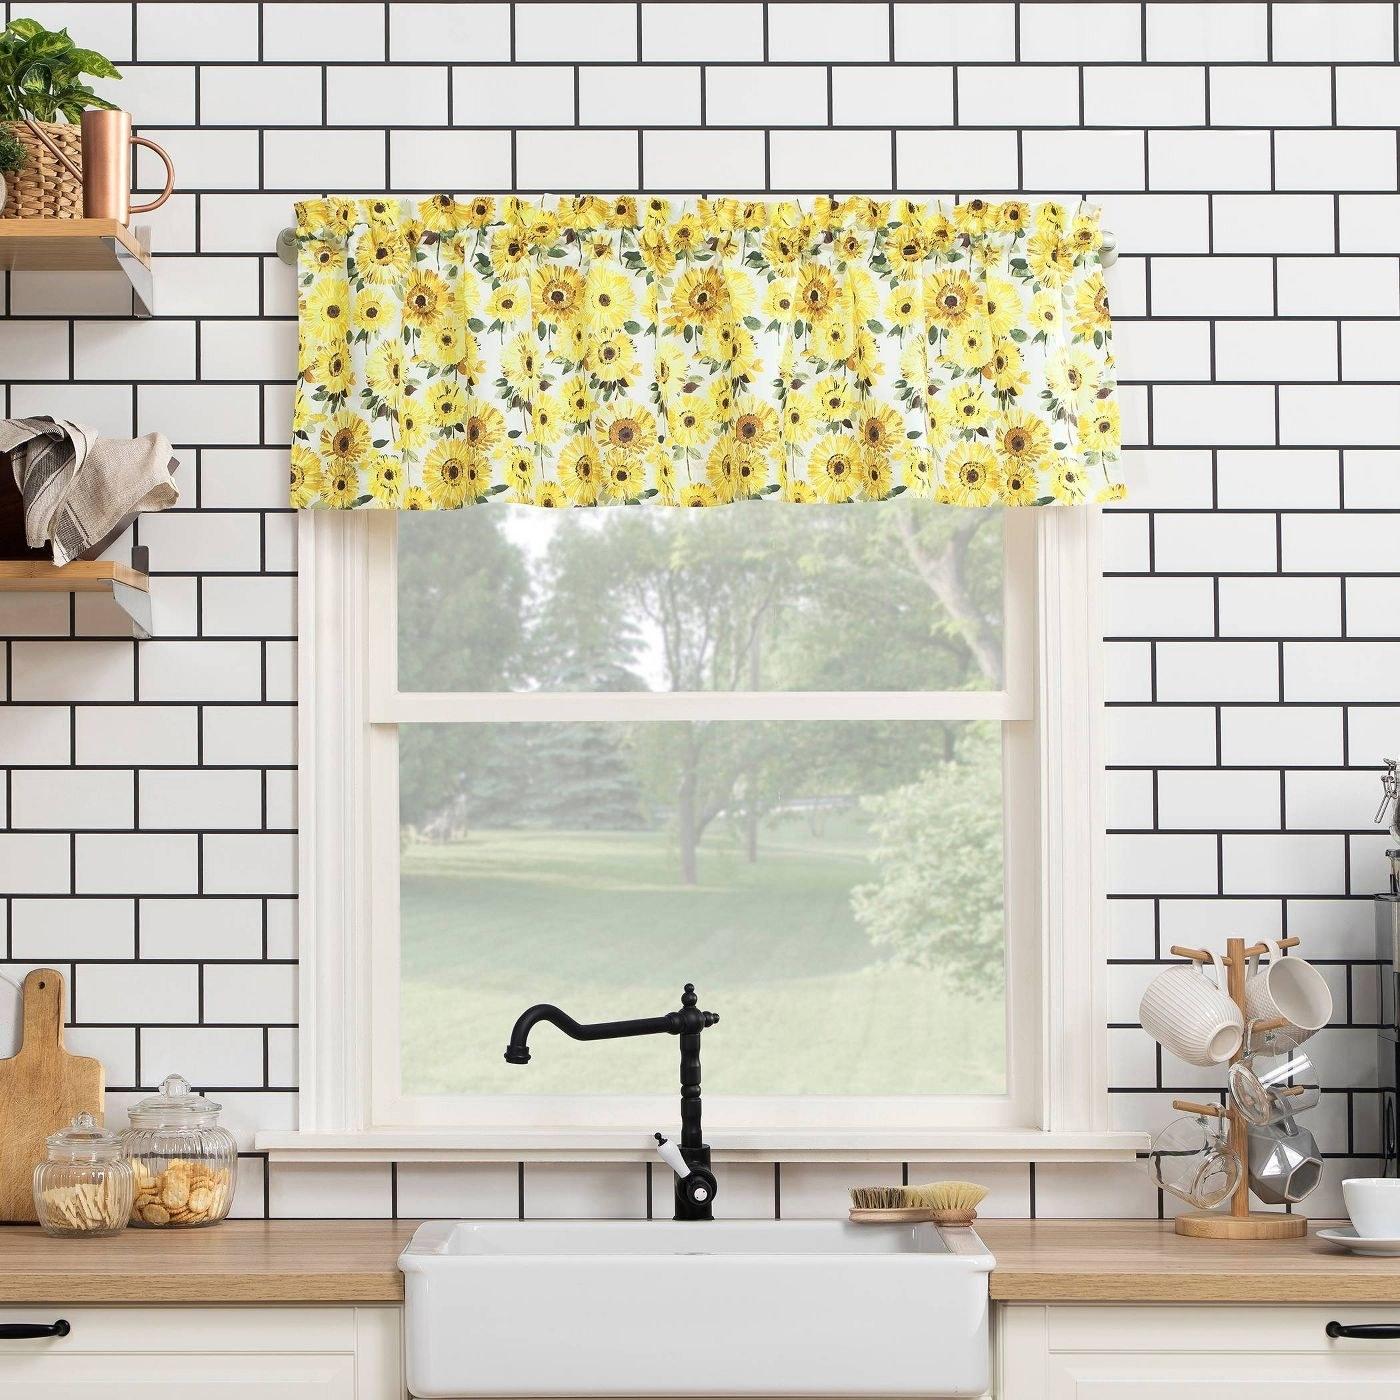 Kitchen curtain valance